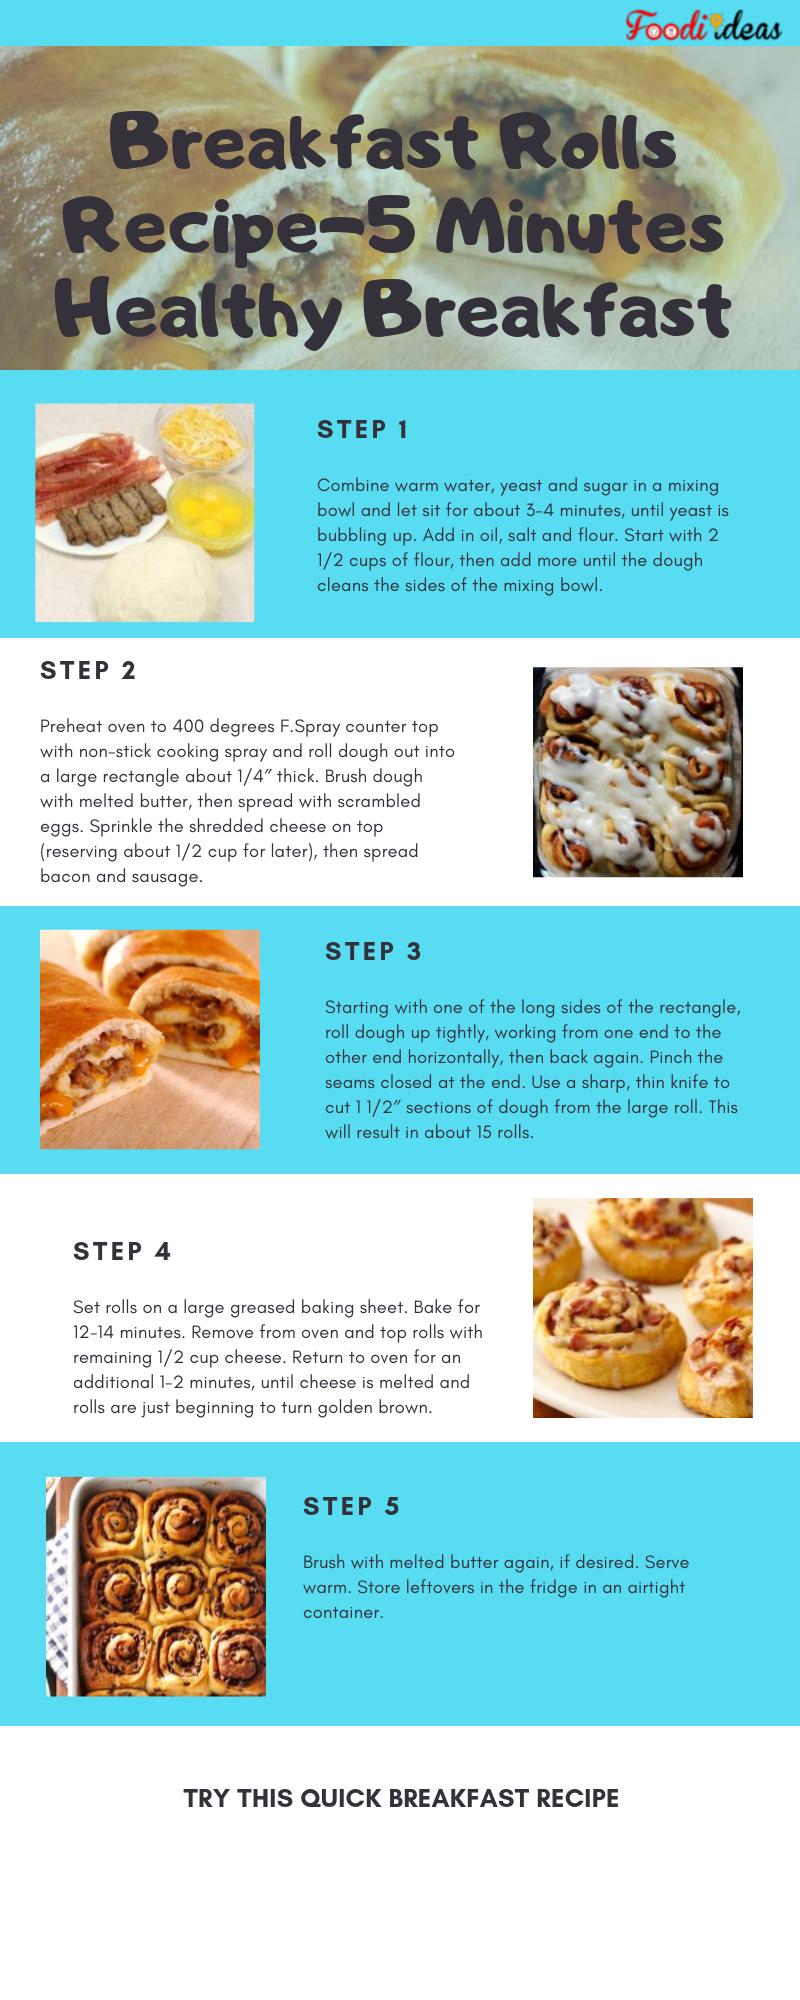 Breakfast Rolls Recipe 5 Minutes Healthy Breakfast Healthy Breakfast Breakfast Rolls Breakfast Recipes Easy